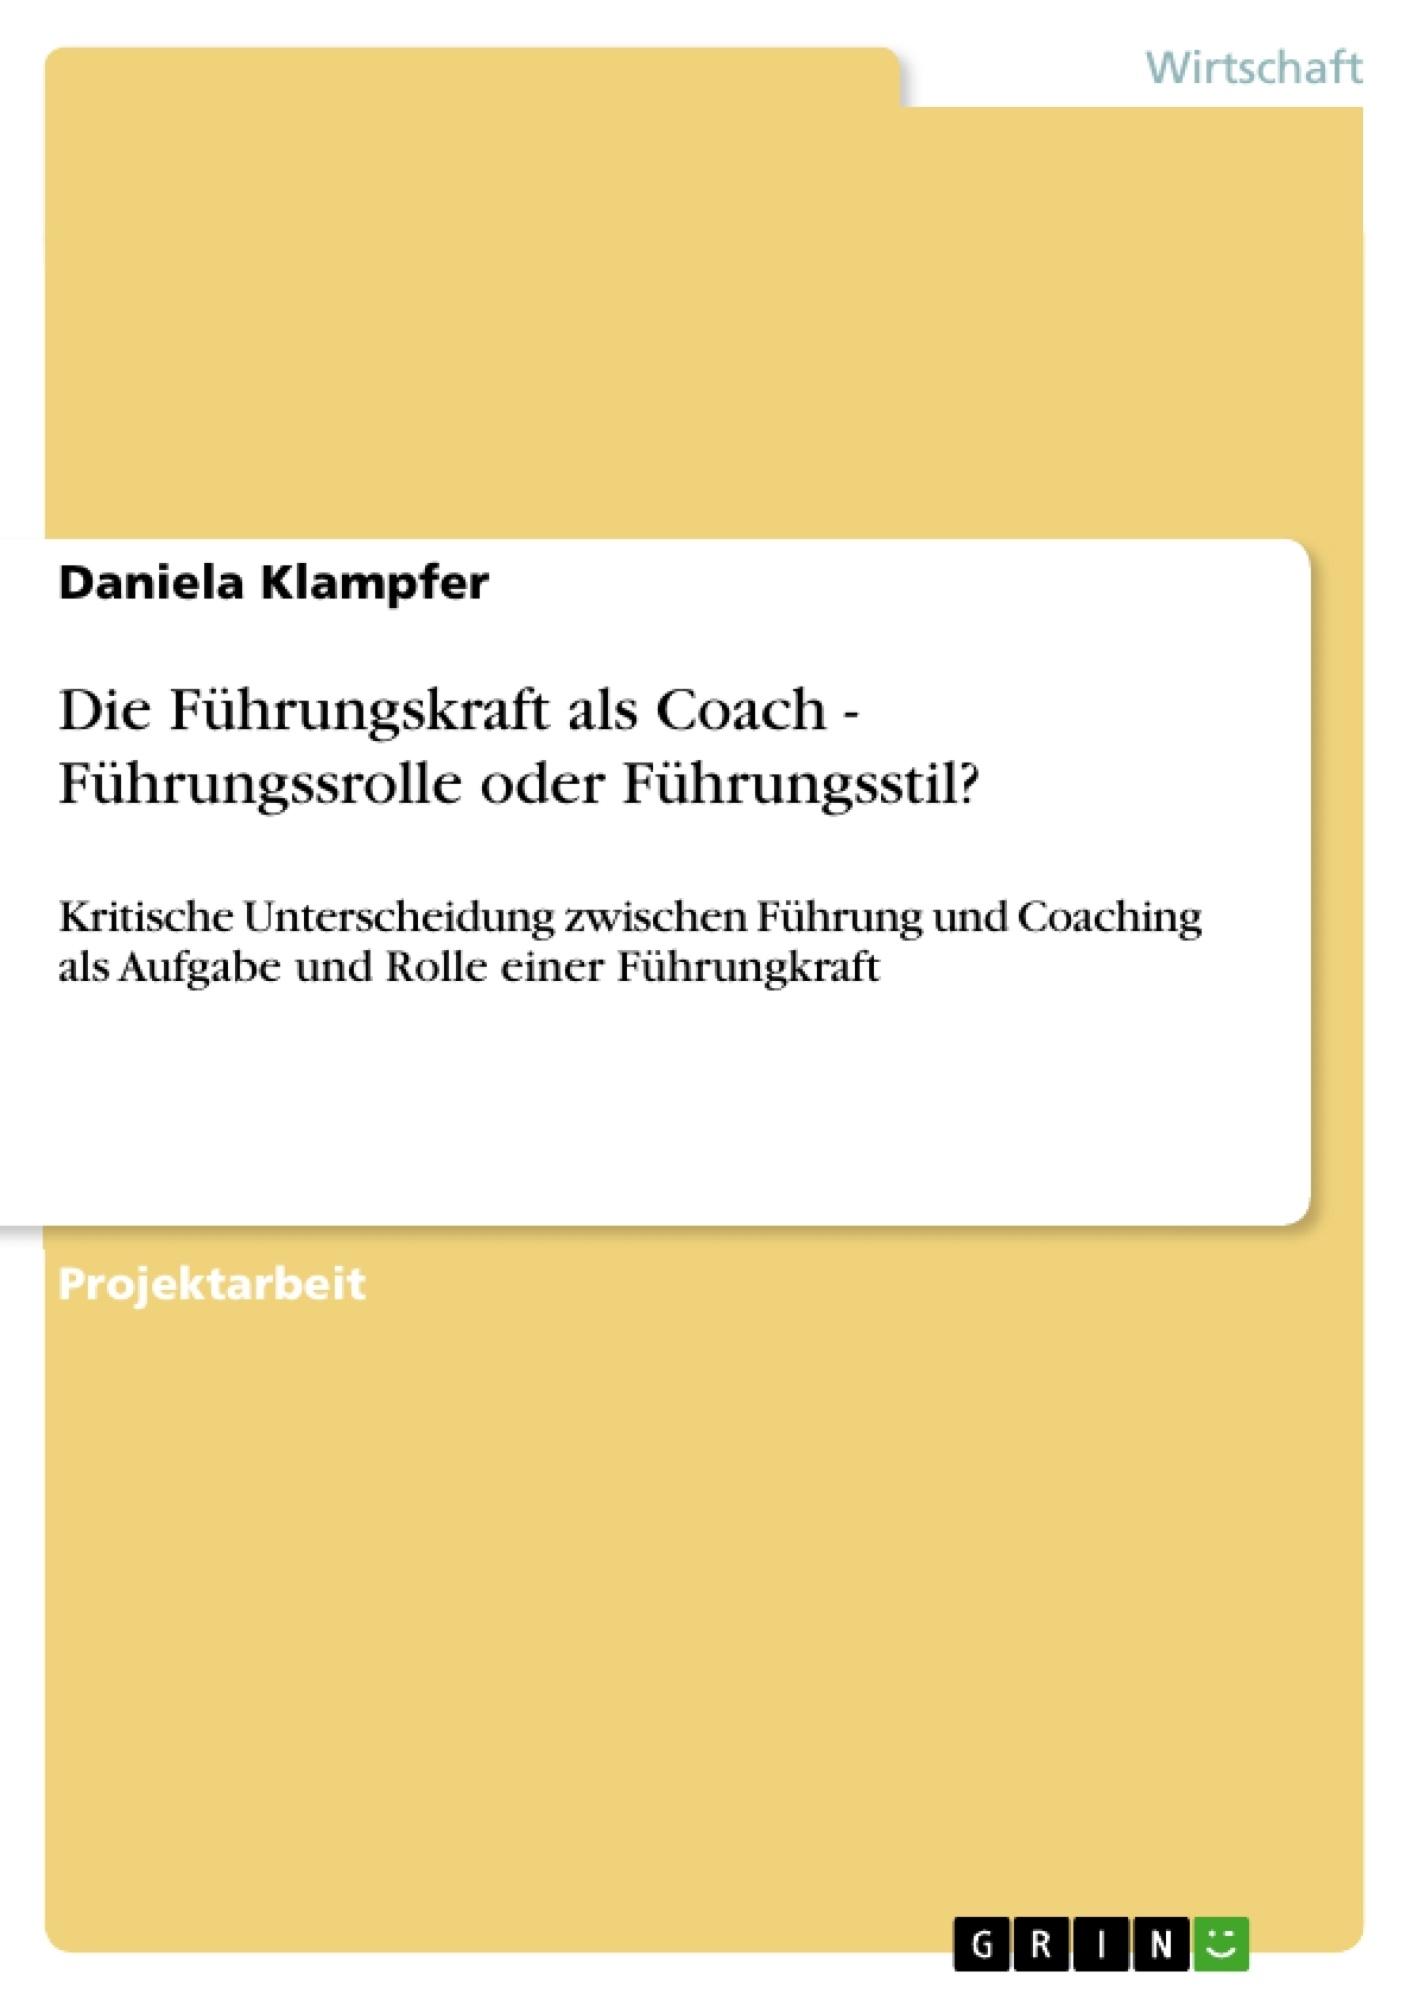 Titel: Die Führungskraft als Coach - Führungssrolle oder Führungsstil?